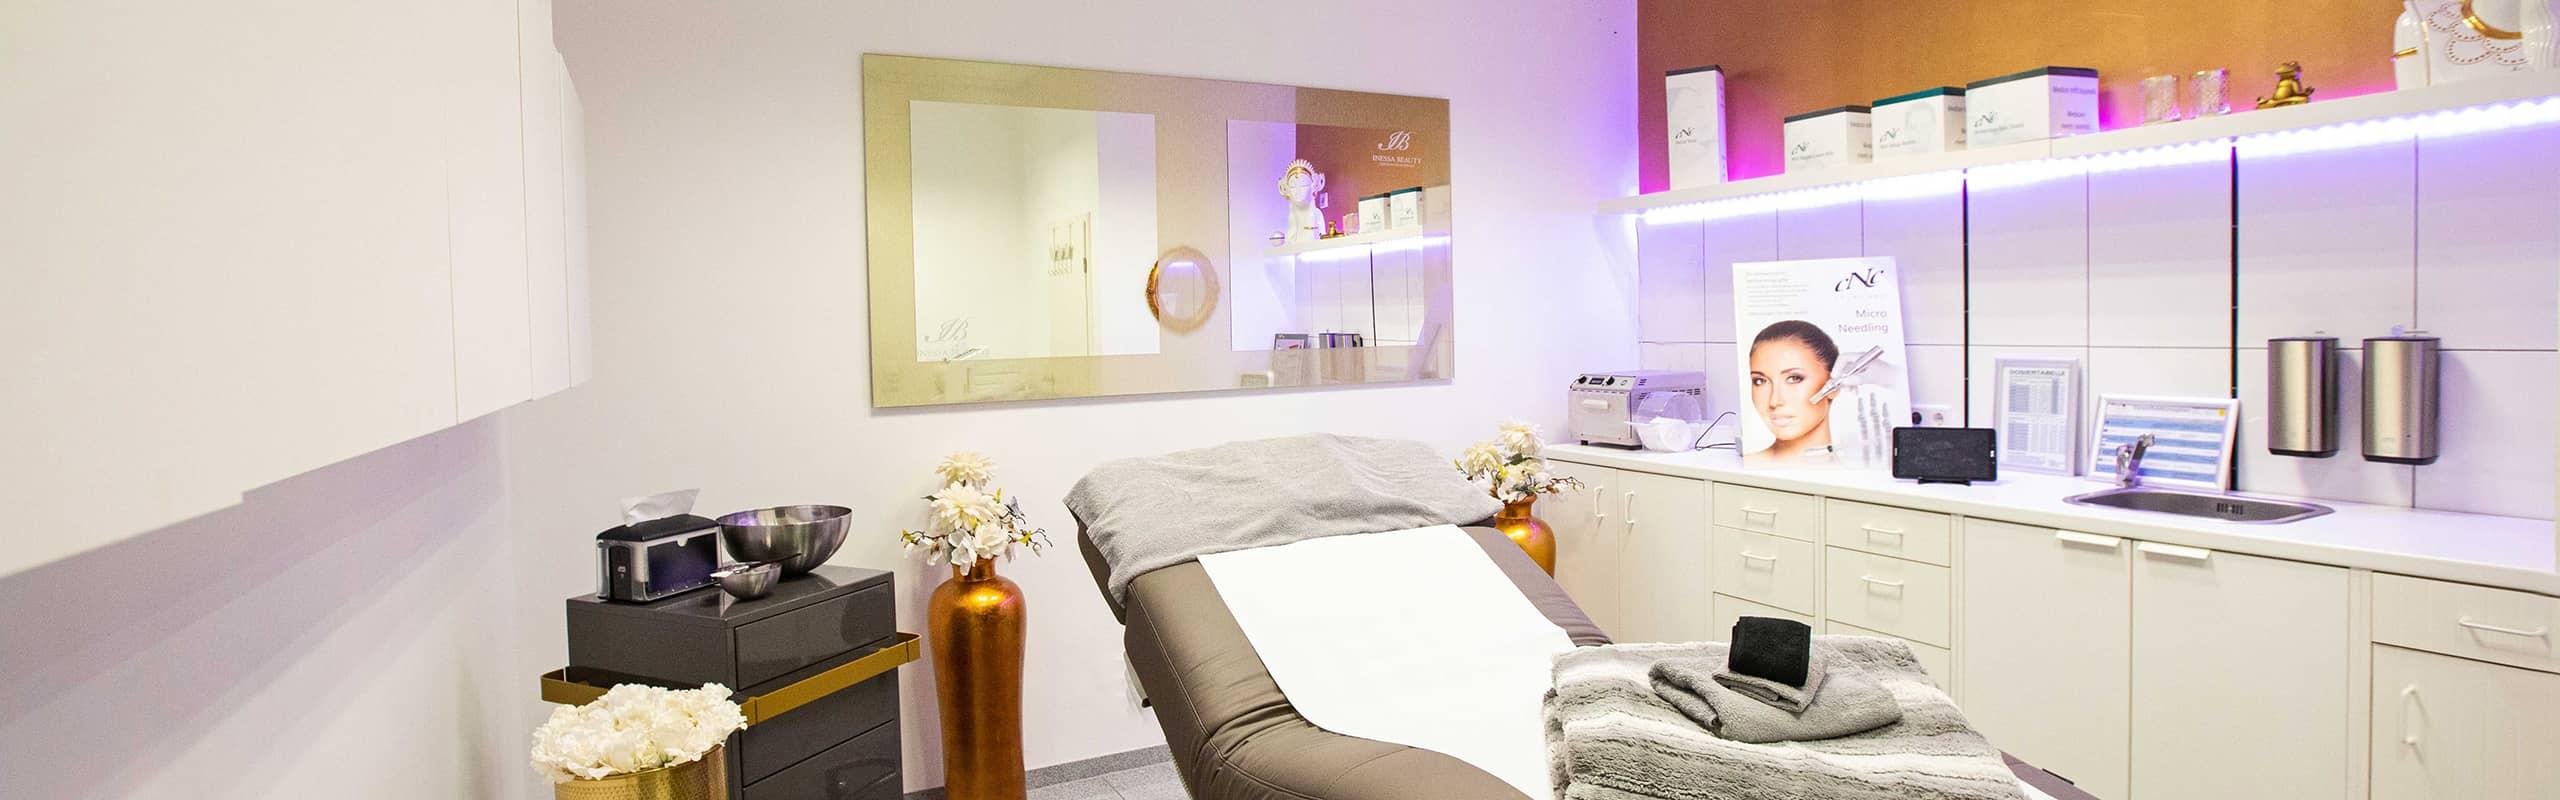 behandlungs raum zur kosmetischen pflege bei inessa beauty